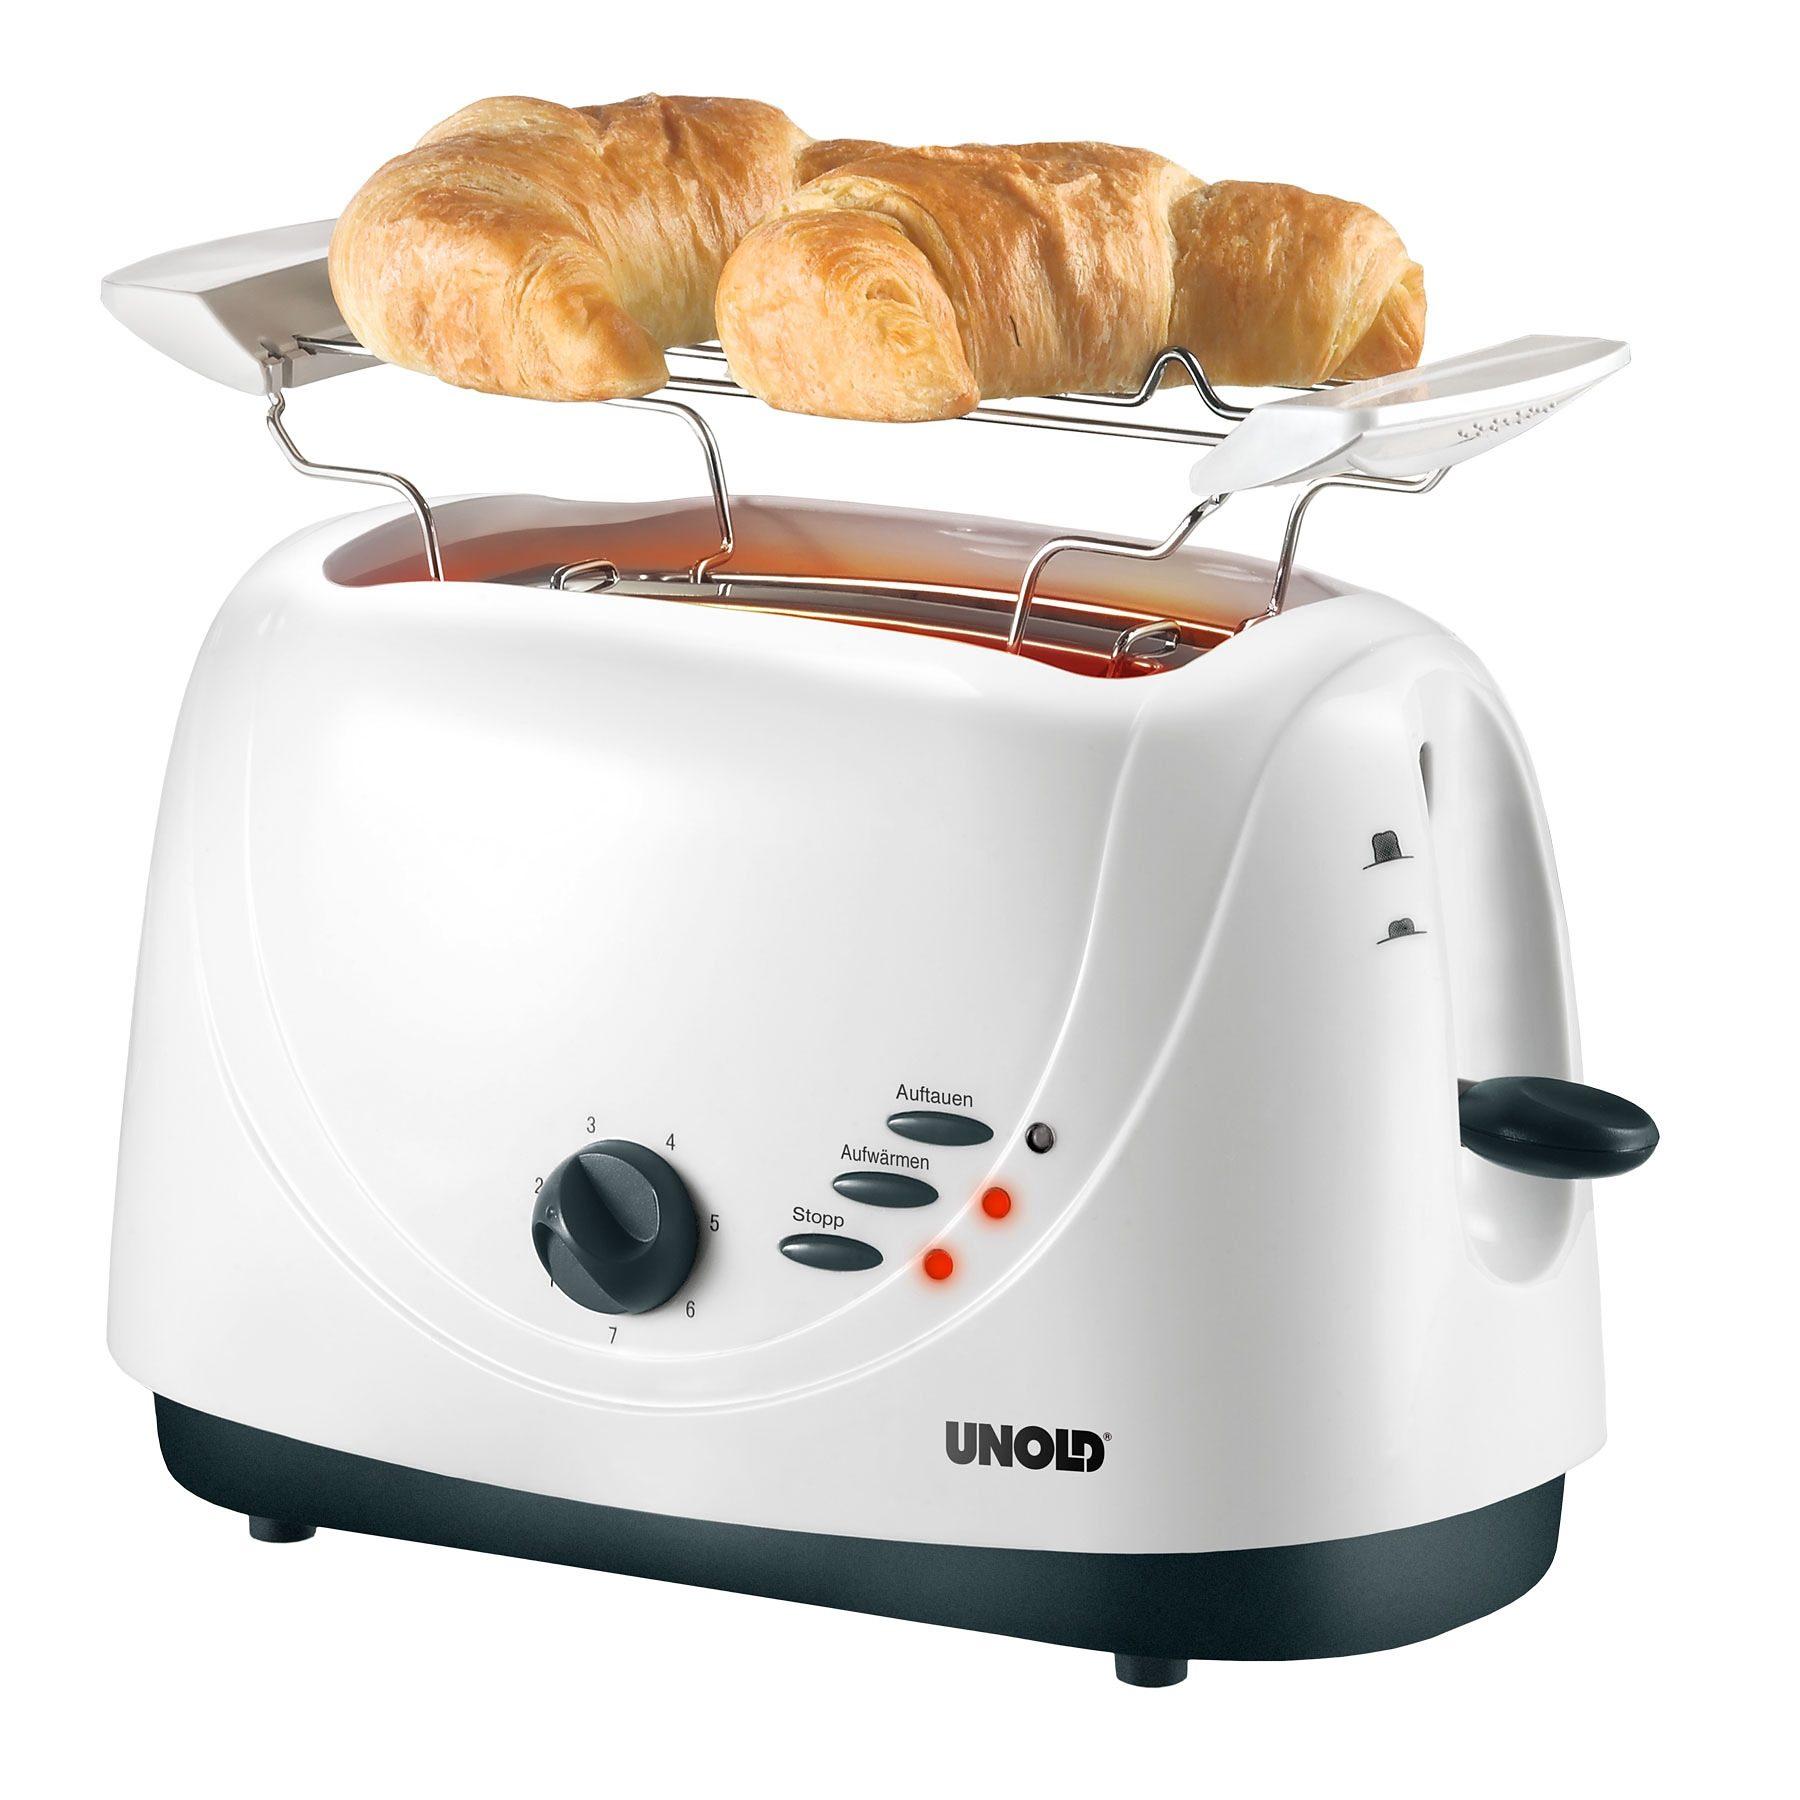 UNOLD® Toaster White Line 8040, für 2 Scheiben, 800 Watt